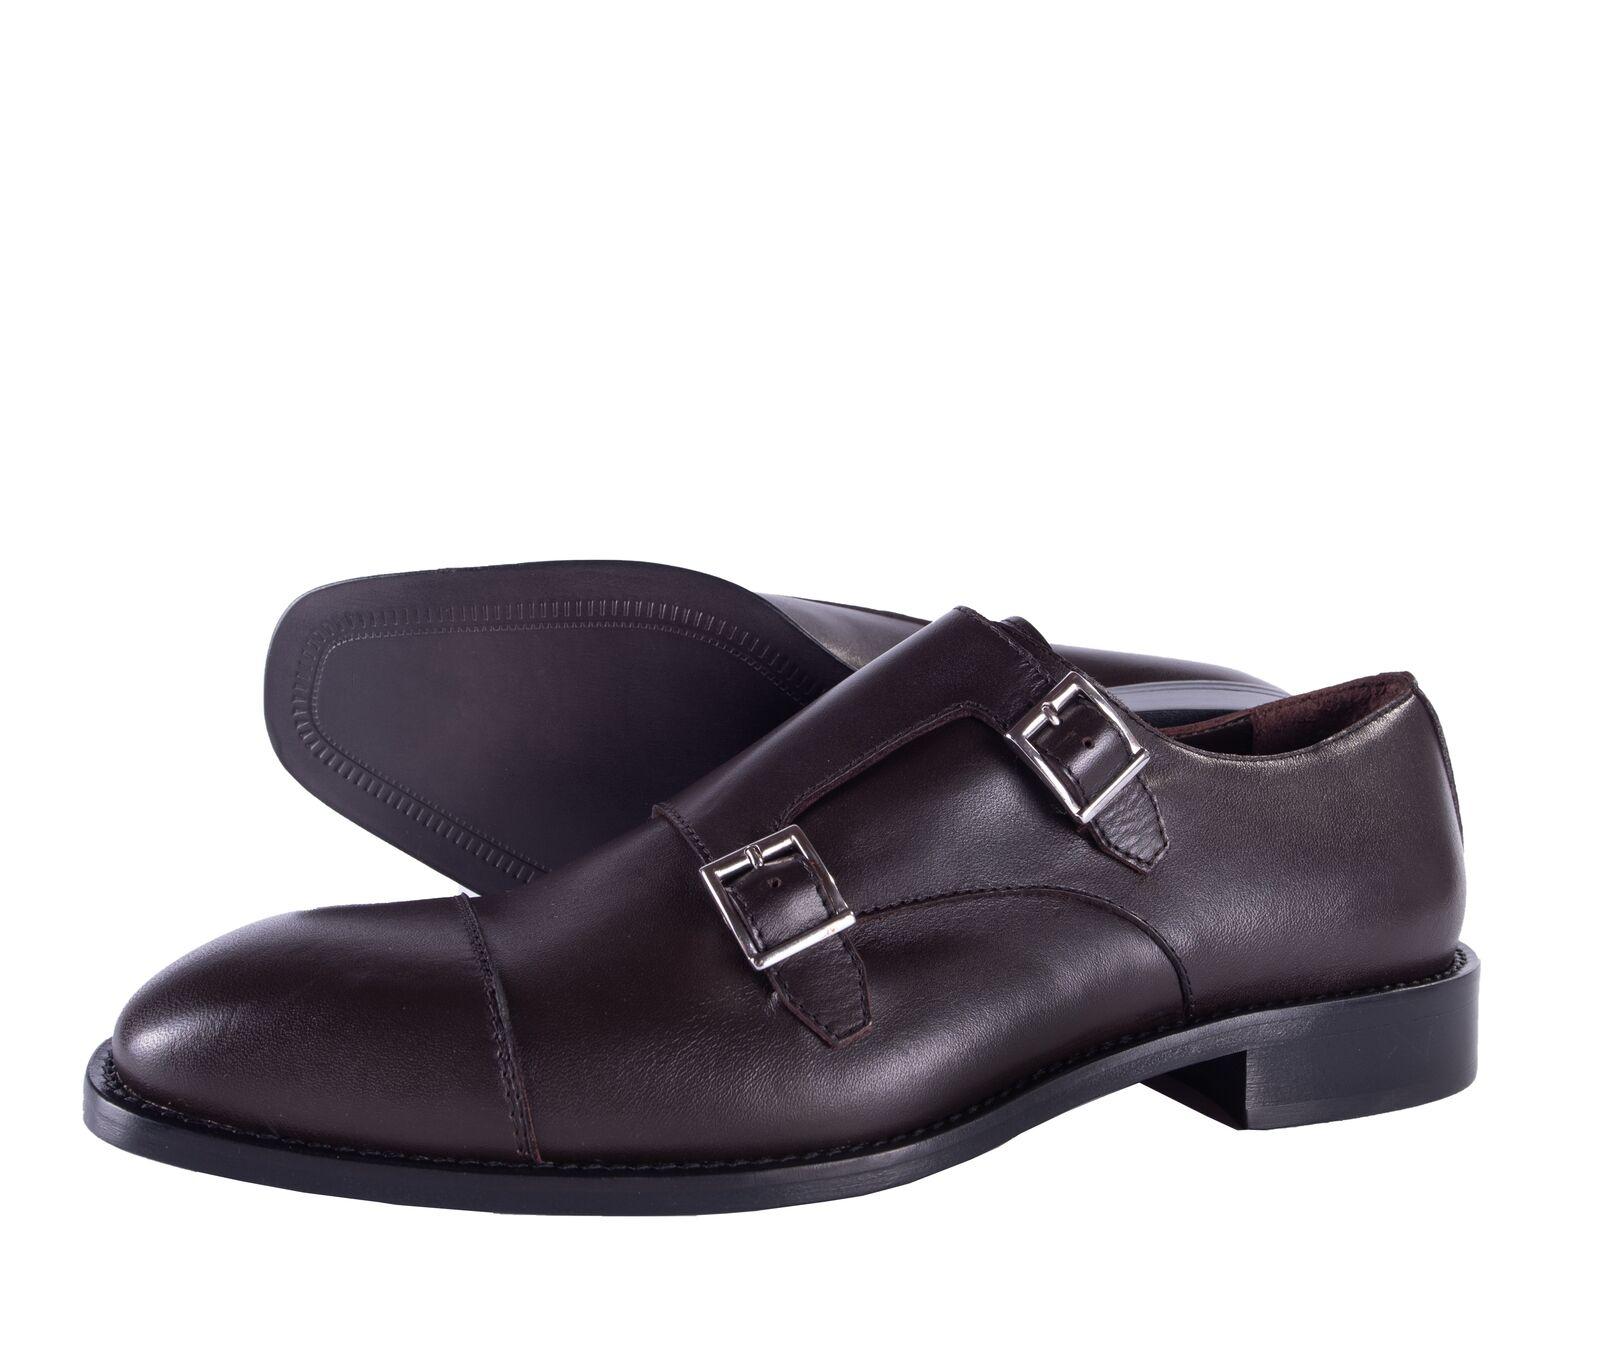 BcourirO MAGLI chaussures double Monkstrap en Cuir Marron Foncé Luxe Italie 44 11 US